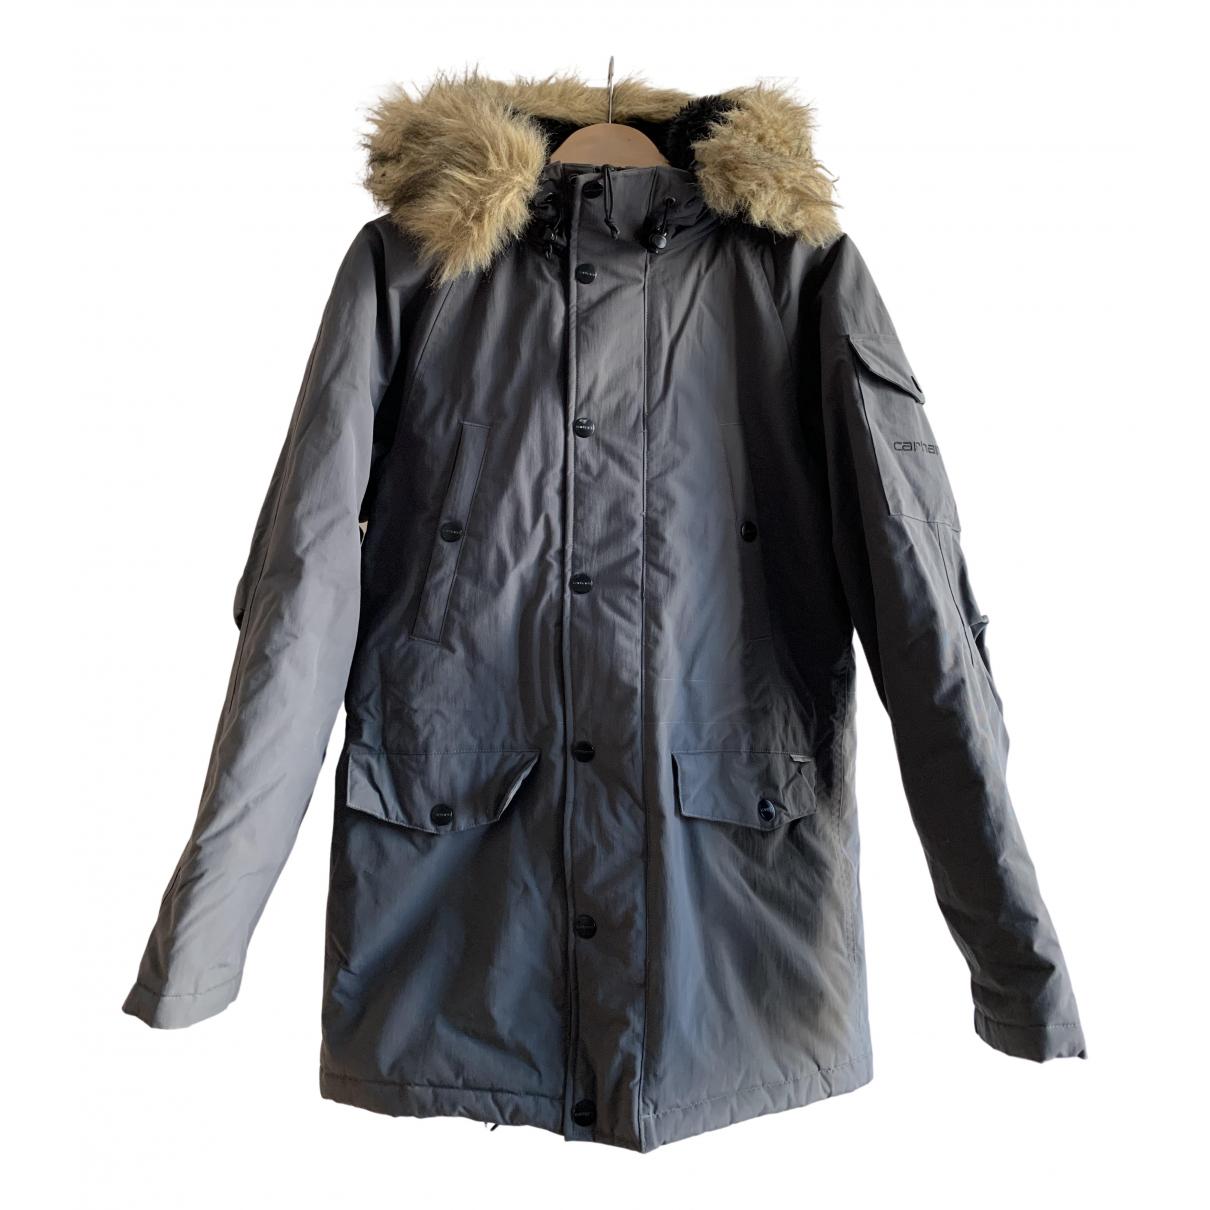 Carhartt - Manteau   pour homme - gris